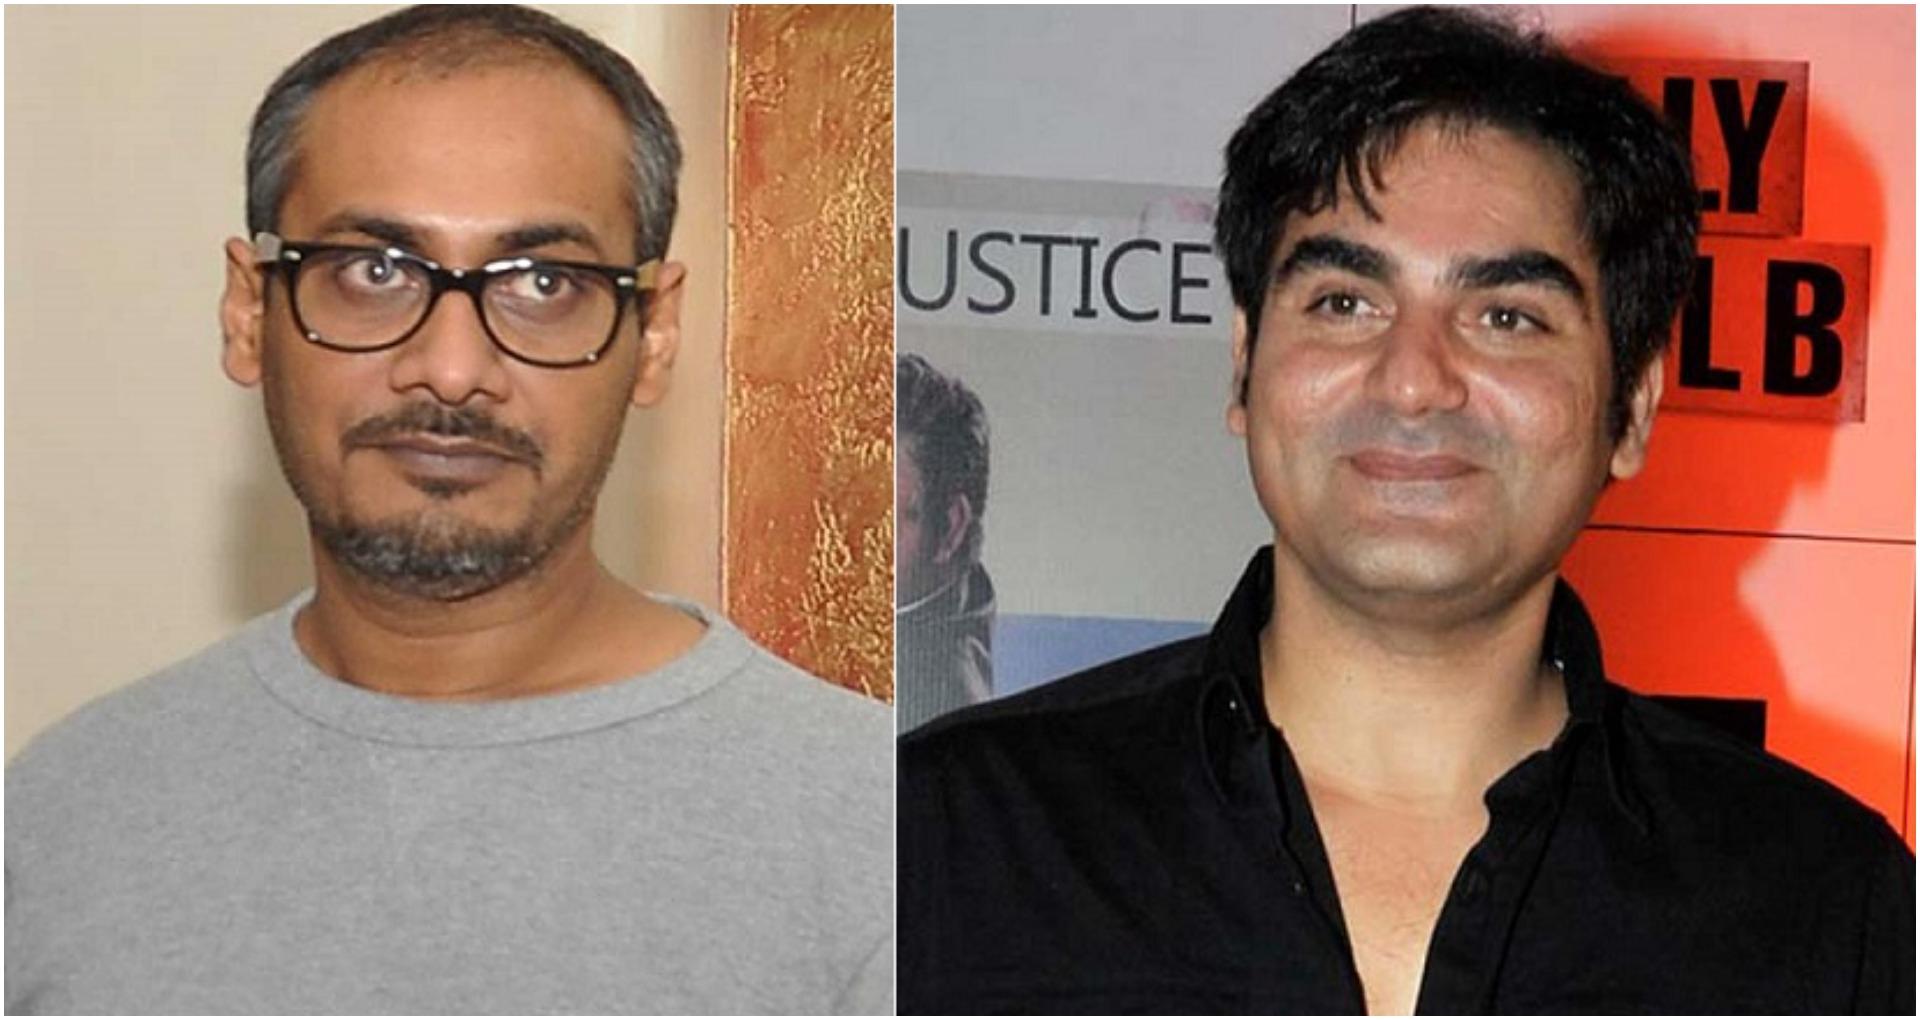 निर्माता अभिनव कश्यप के लगाए आरोप पर अरबाज खान खान ने तोड़ी चुप्पी, करेंगे कानूनी कार्रवाई